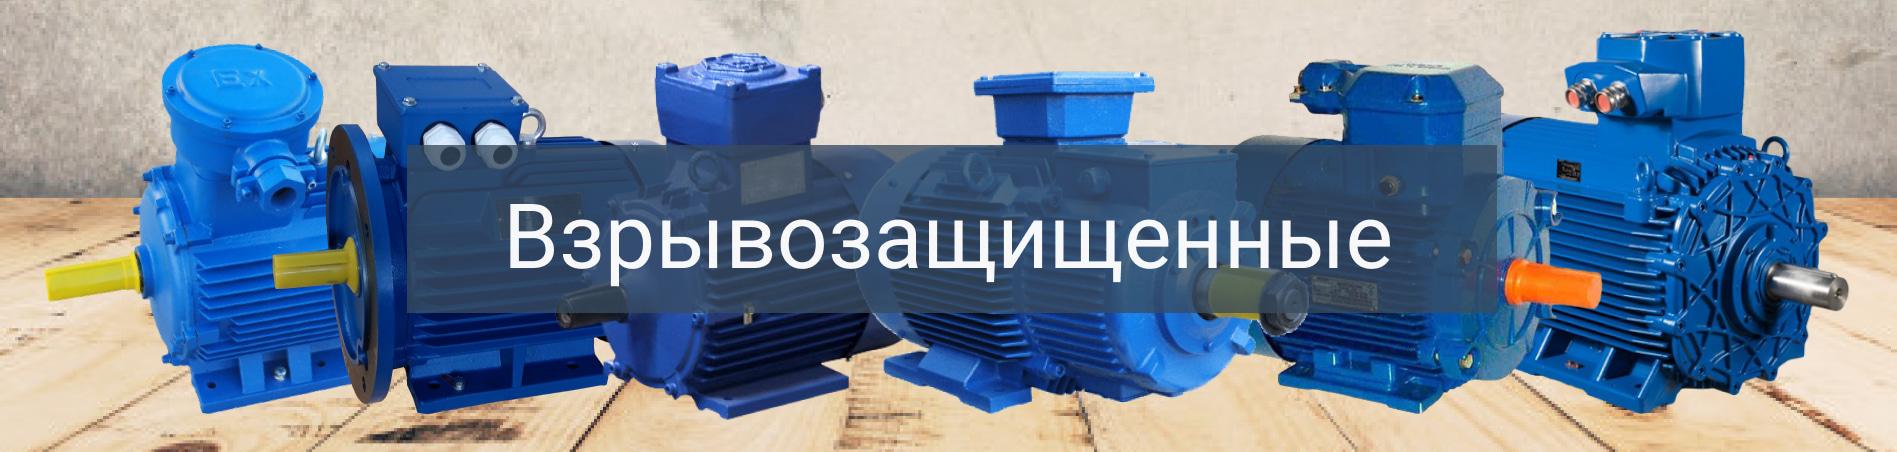 Взрывозащищенные электродвигатели 5,5 квт